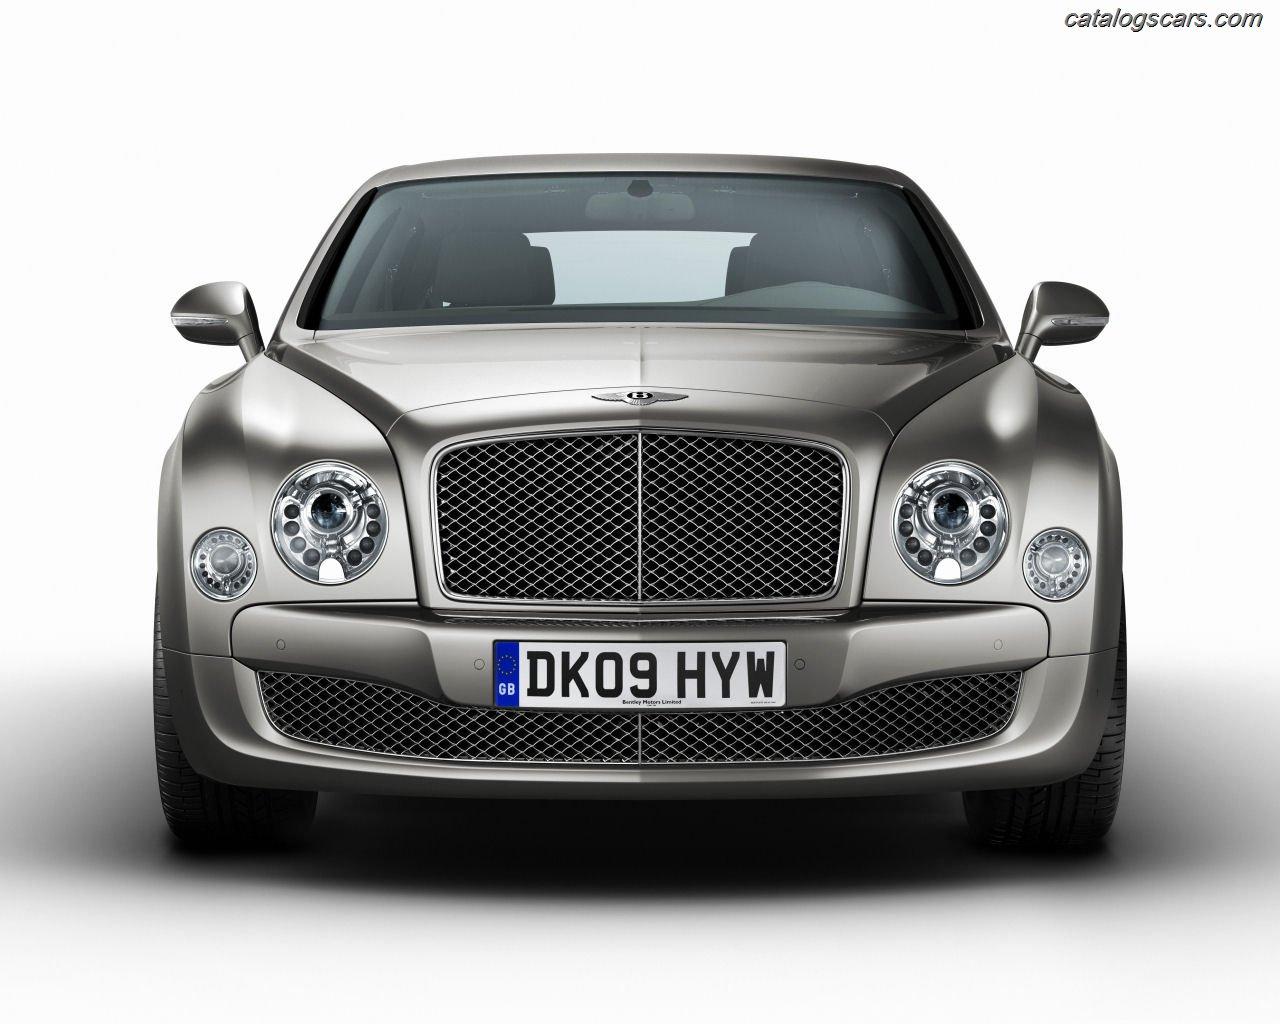 صور سيارة بنتلى مولسان 2015 اجمل خلفيات صور عربية بنتلى مولسان 2015 Bentley Mulsanne Photos